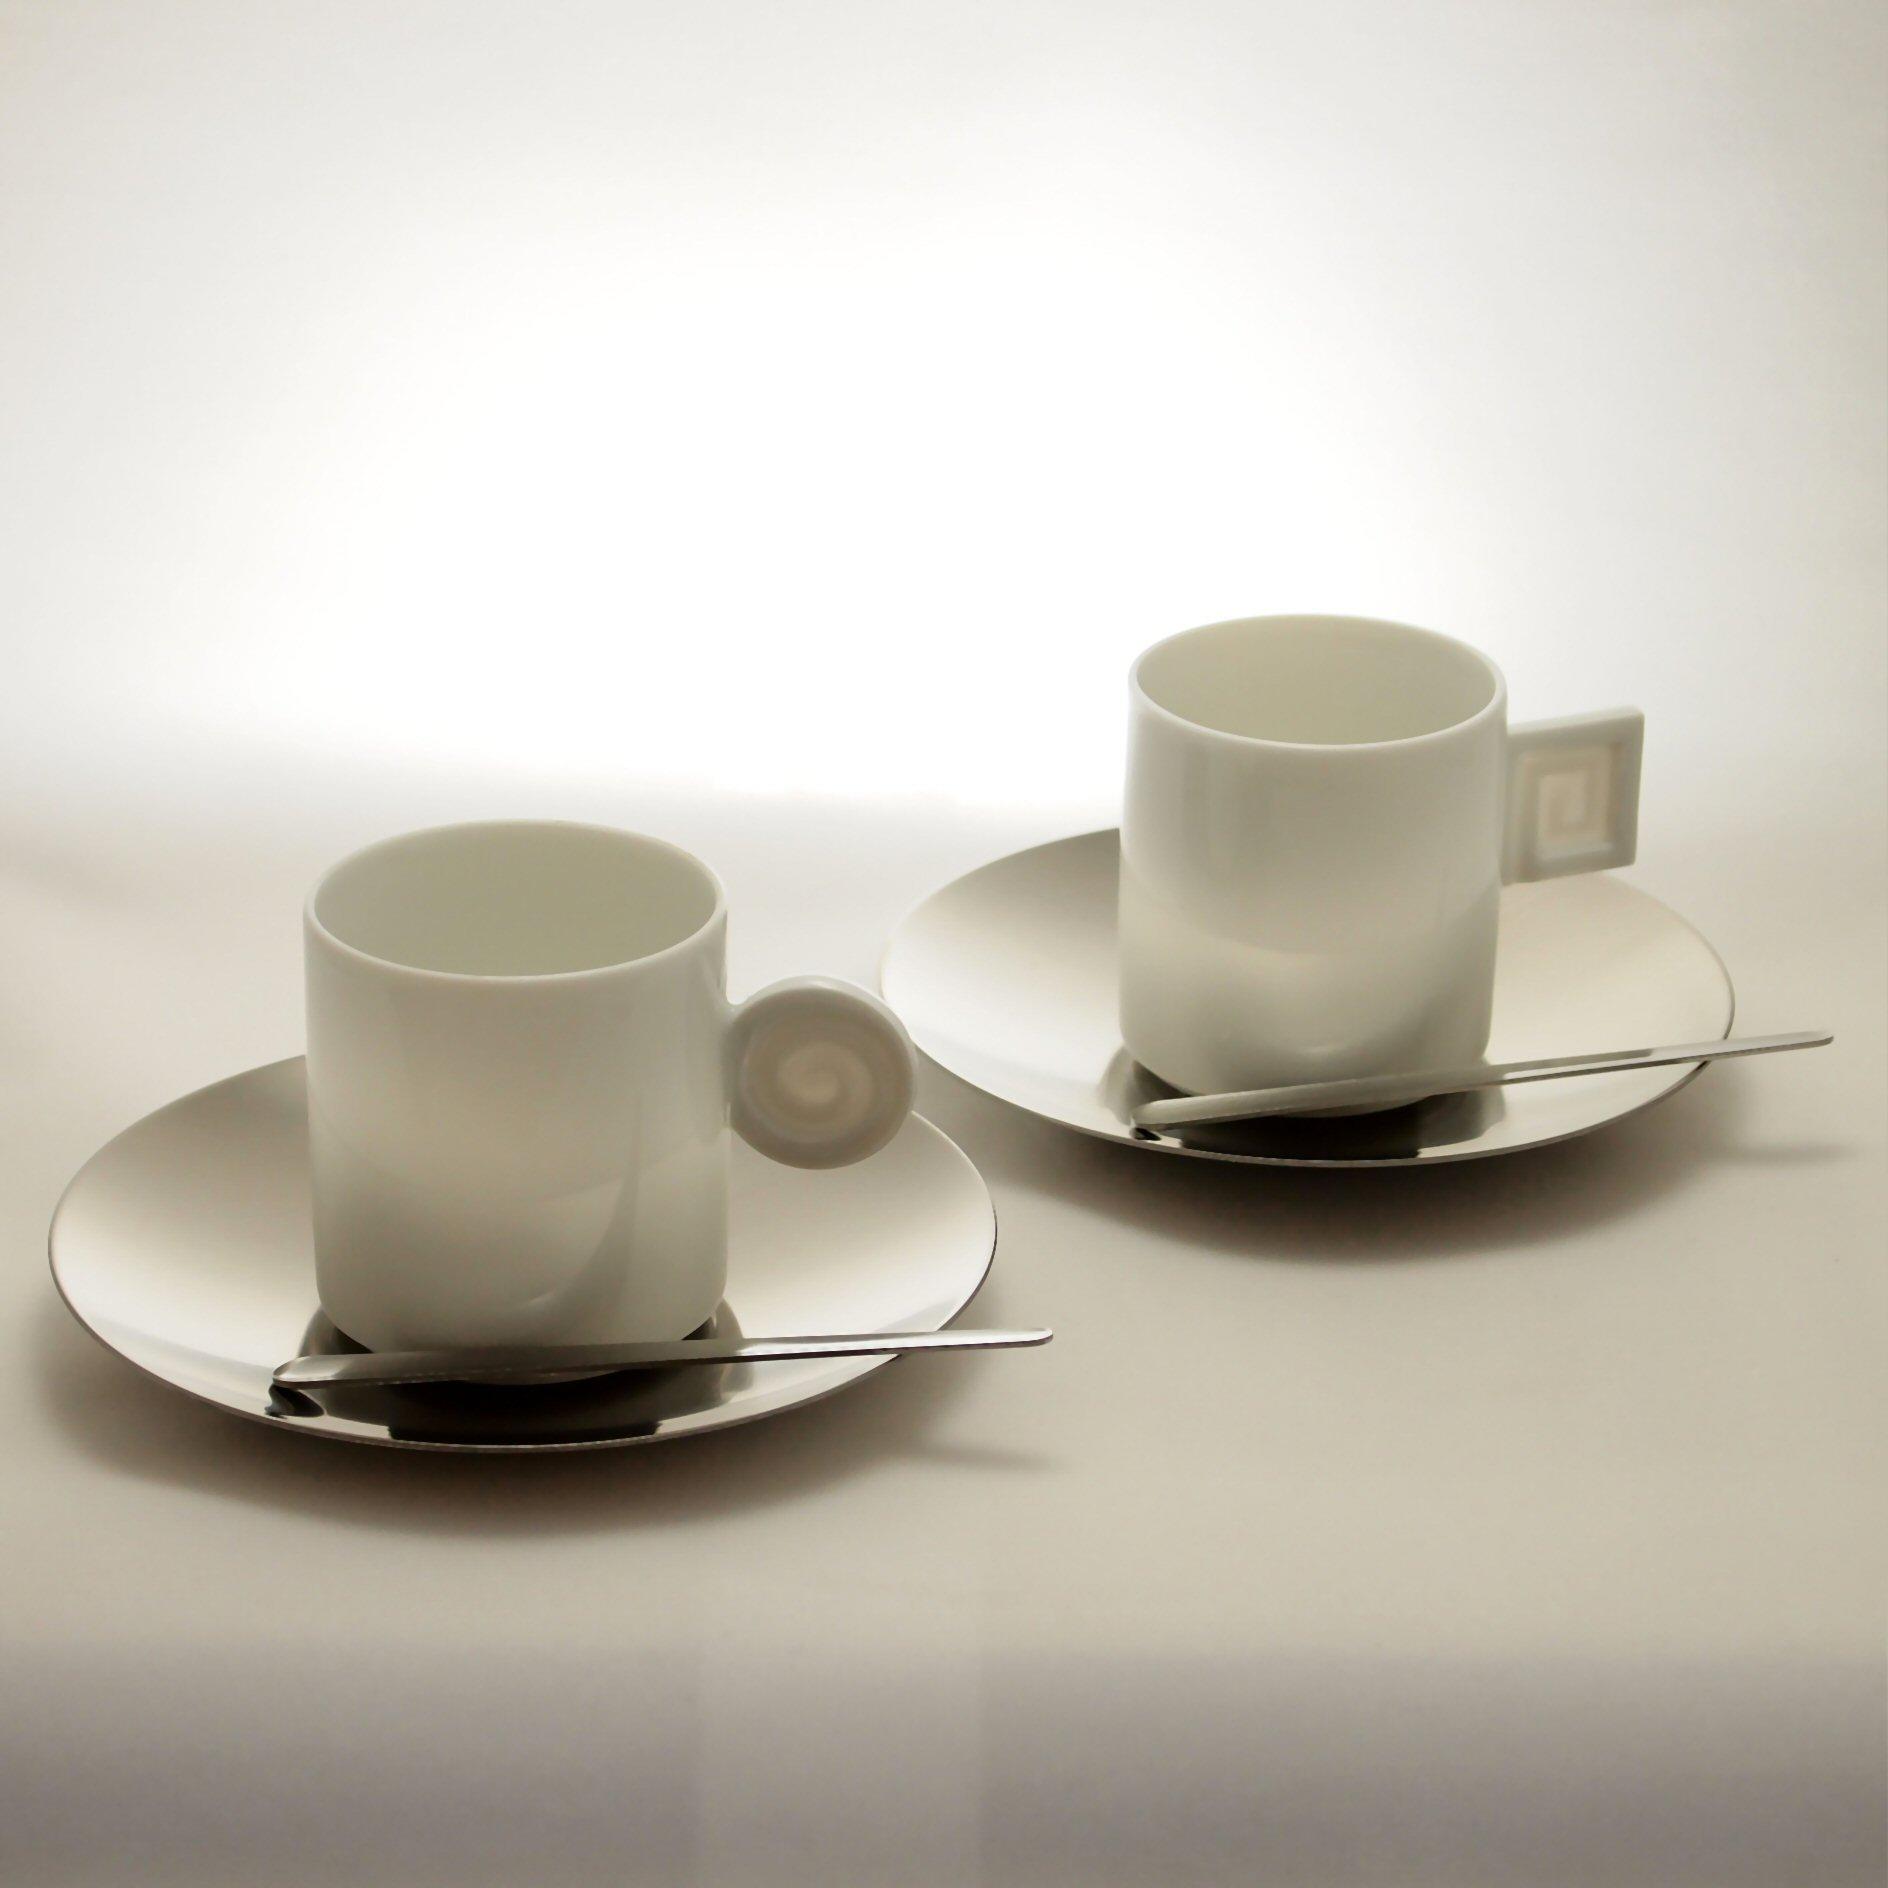 モノ エスプレッソ コーヒーカップ と ソーサーのペアセット mono Espresso Coffee Cup & Saucer Pair Set